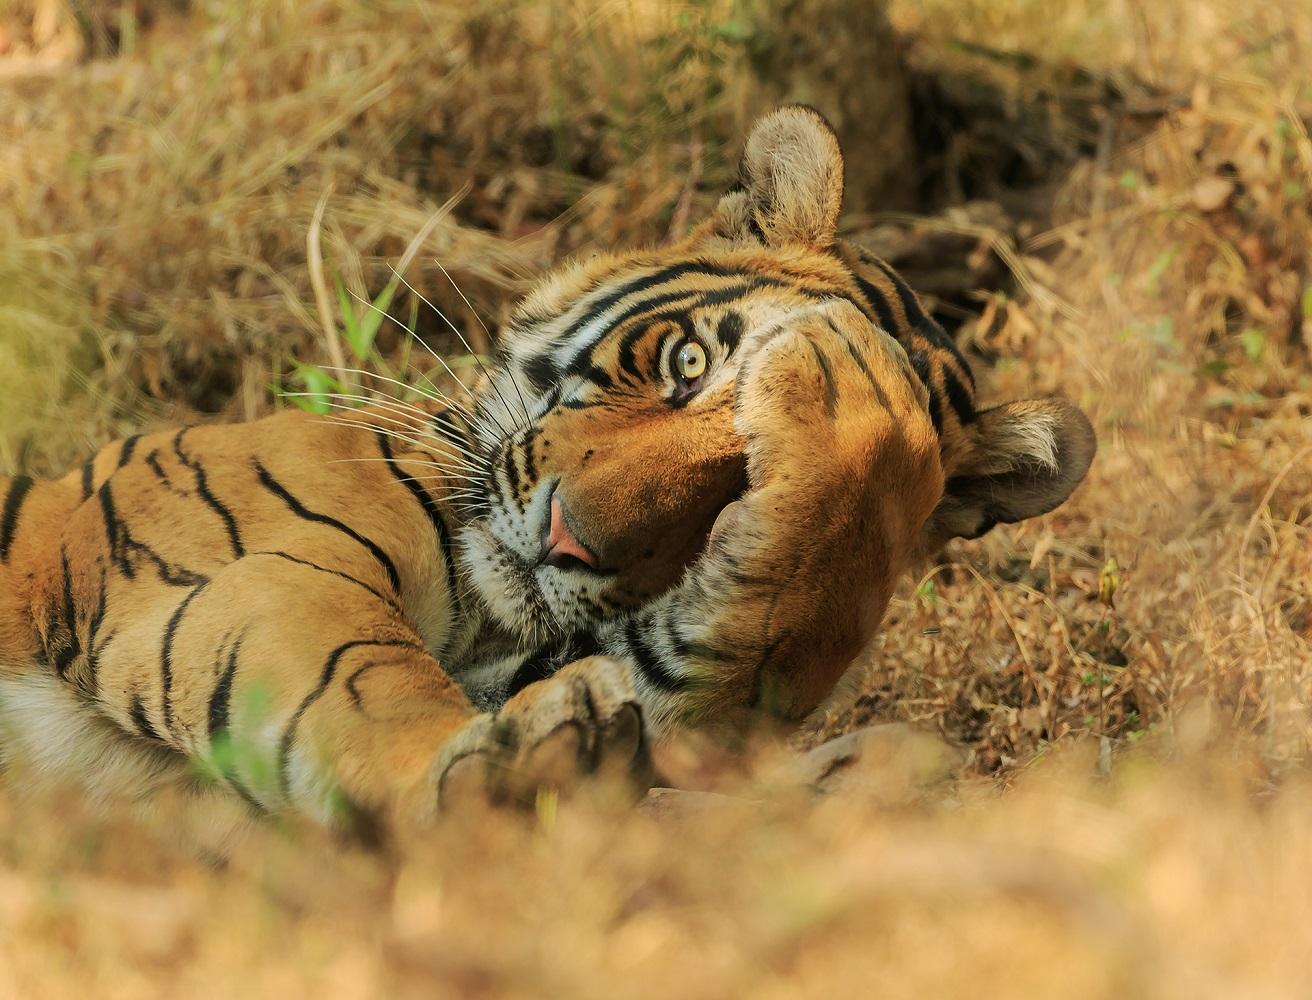 Fotografija 'Kukuc' fotografa Jagdeepa Rajputa snimljena u Indiji.